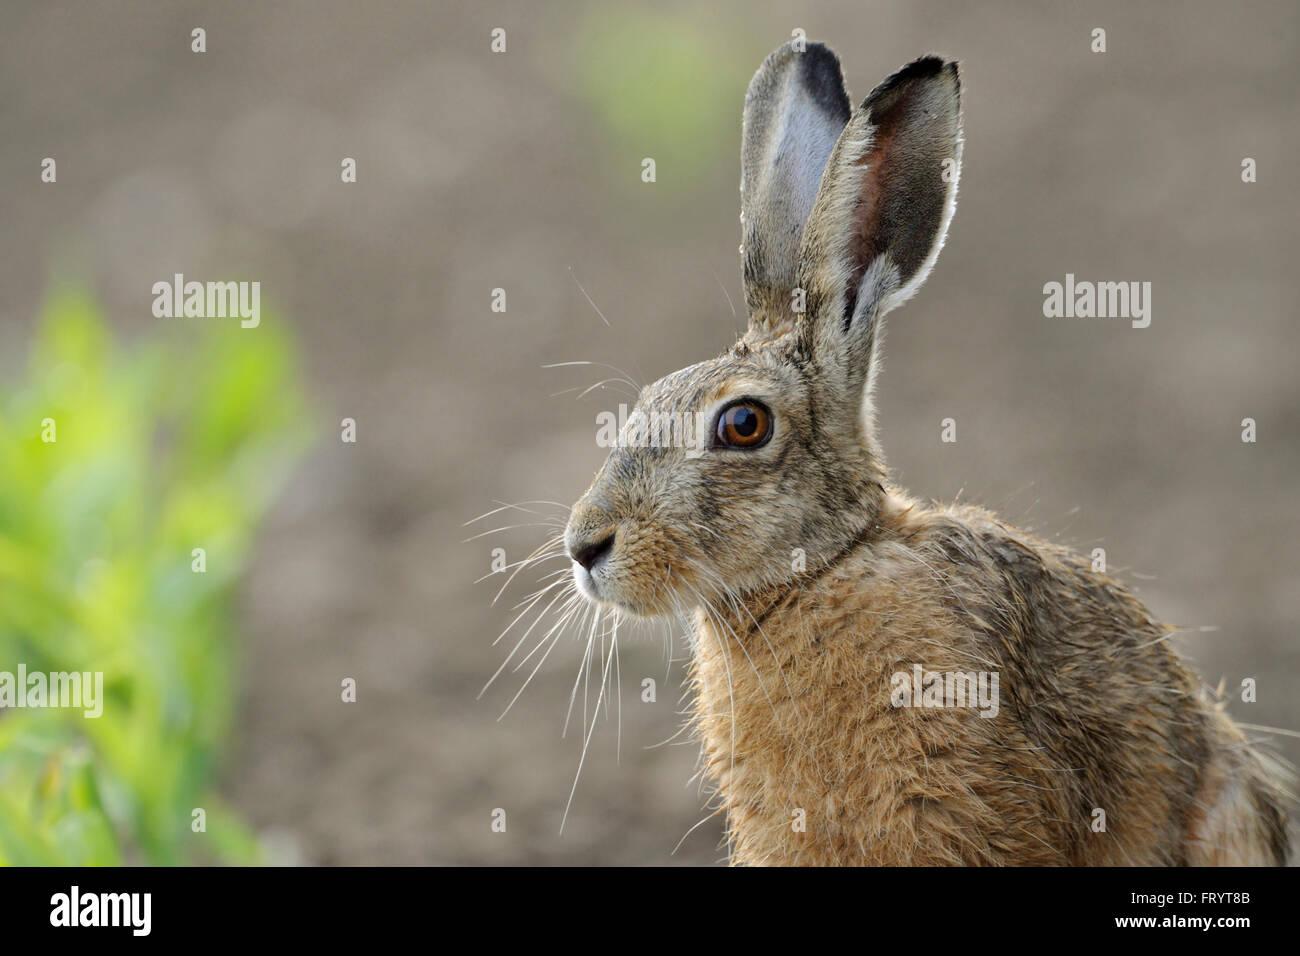 Marrón / Liebre liebre europea / Feldhase ( Lepus europaeus ), cierre, disparo a la cabeza, Sentado en un campo Imagen De Stock